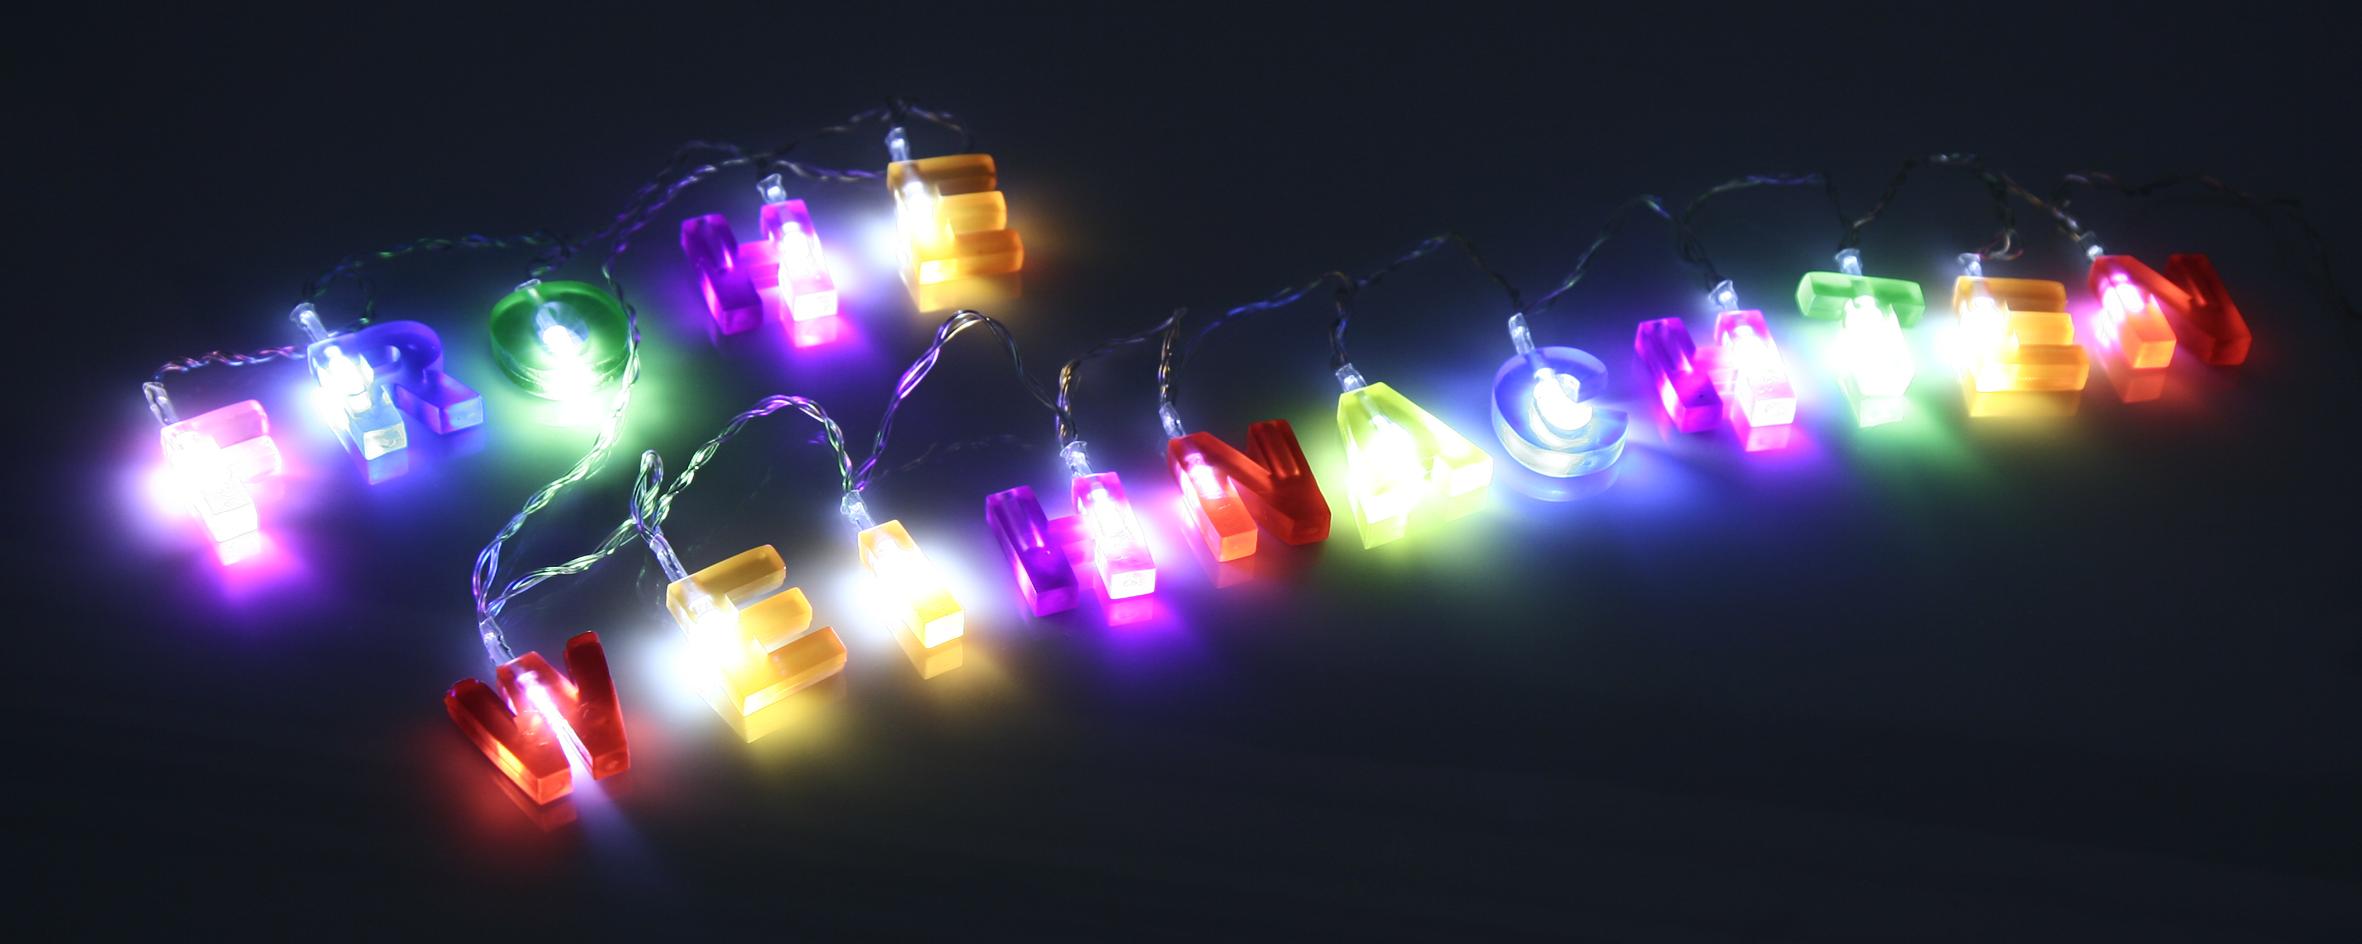 Led Lichterkette Weihnachten.Led Lichterkette Frohe Weihnachten Länge Ca 1 75m